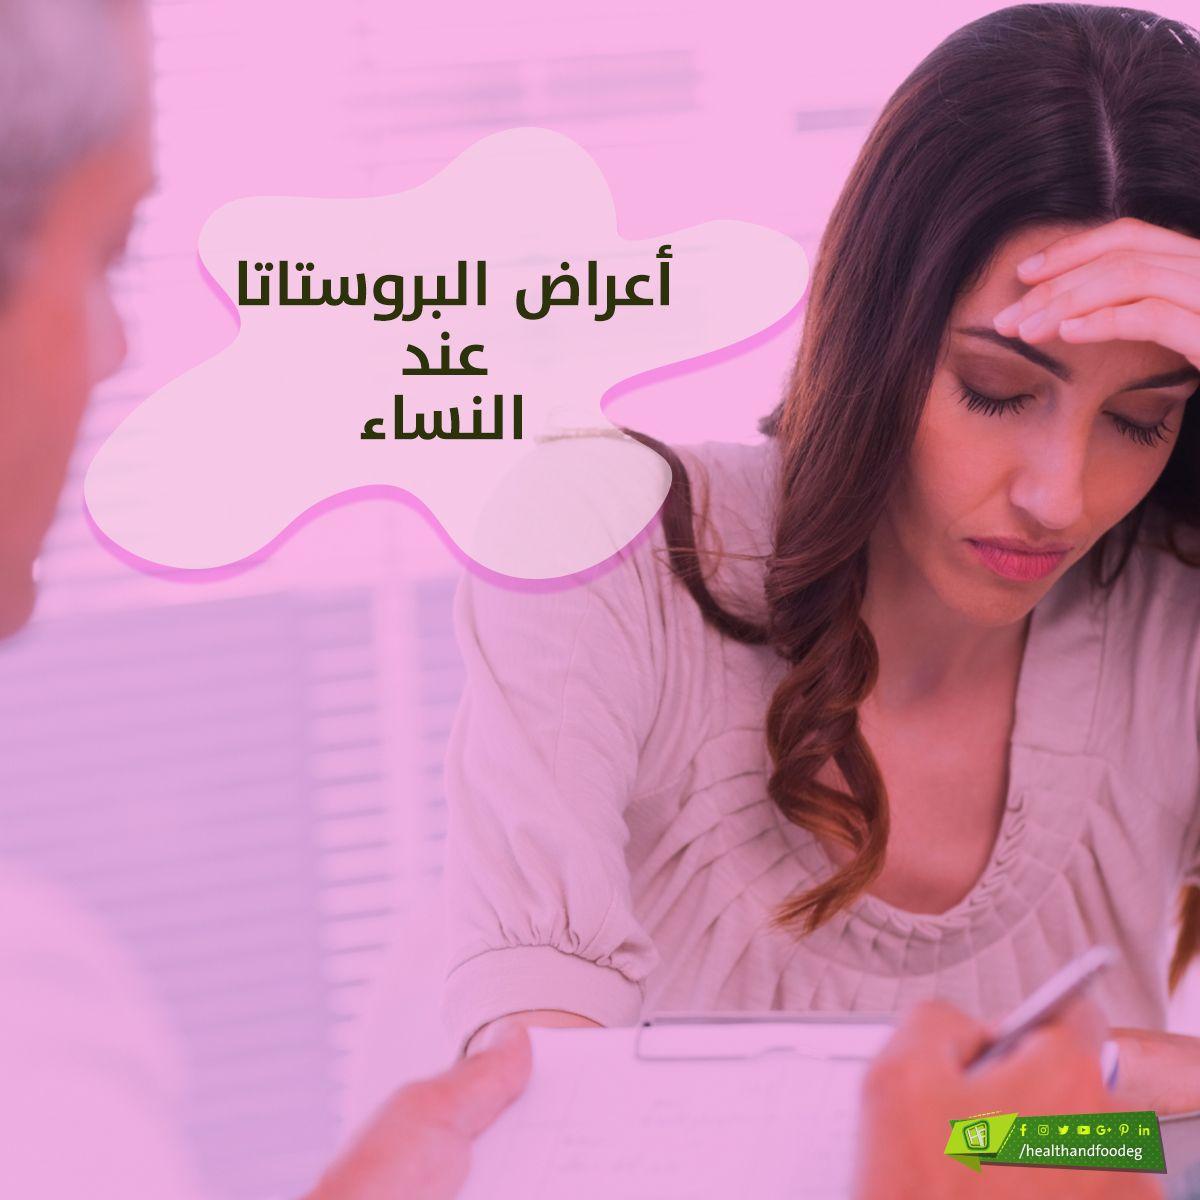 اعراض البروستاتا عند النساء